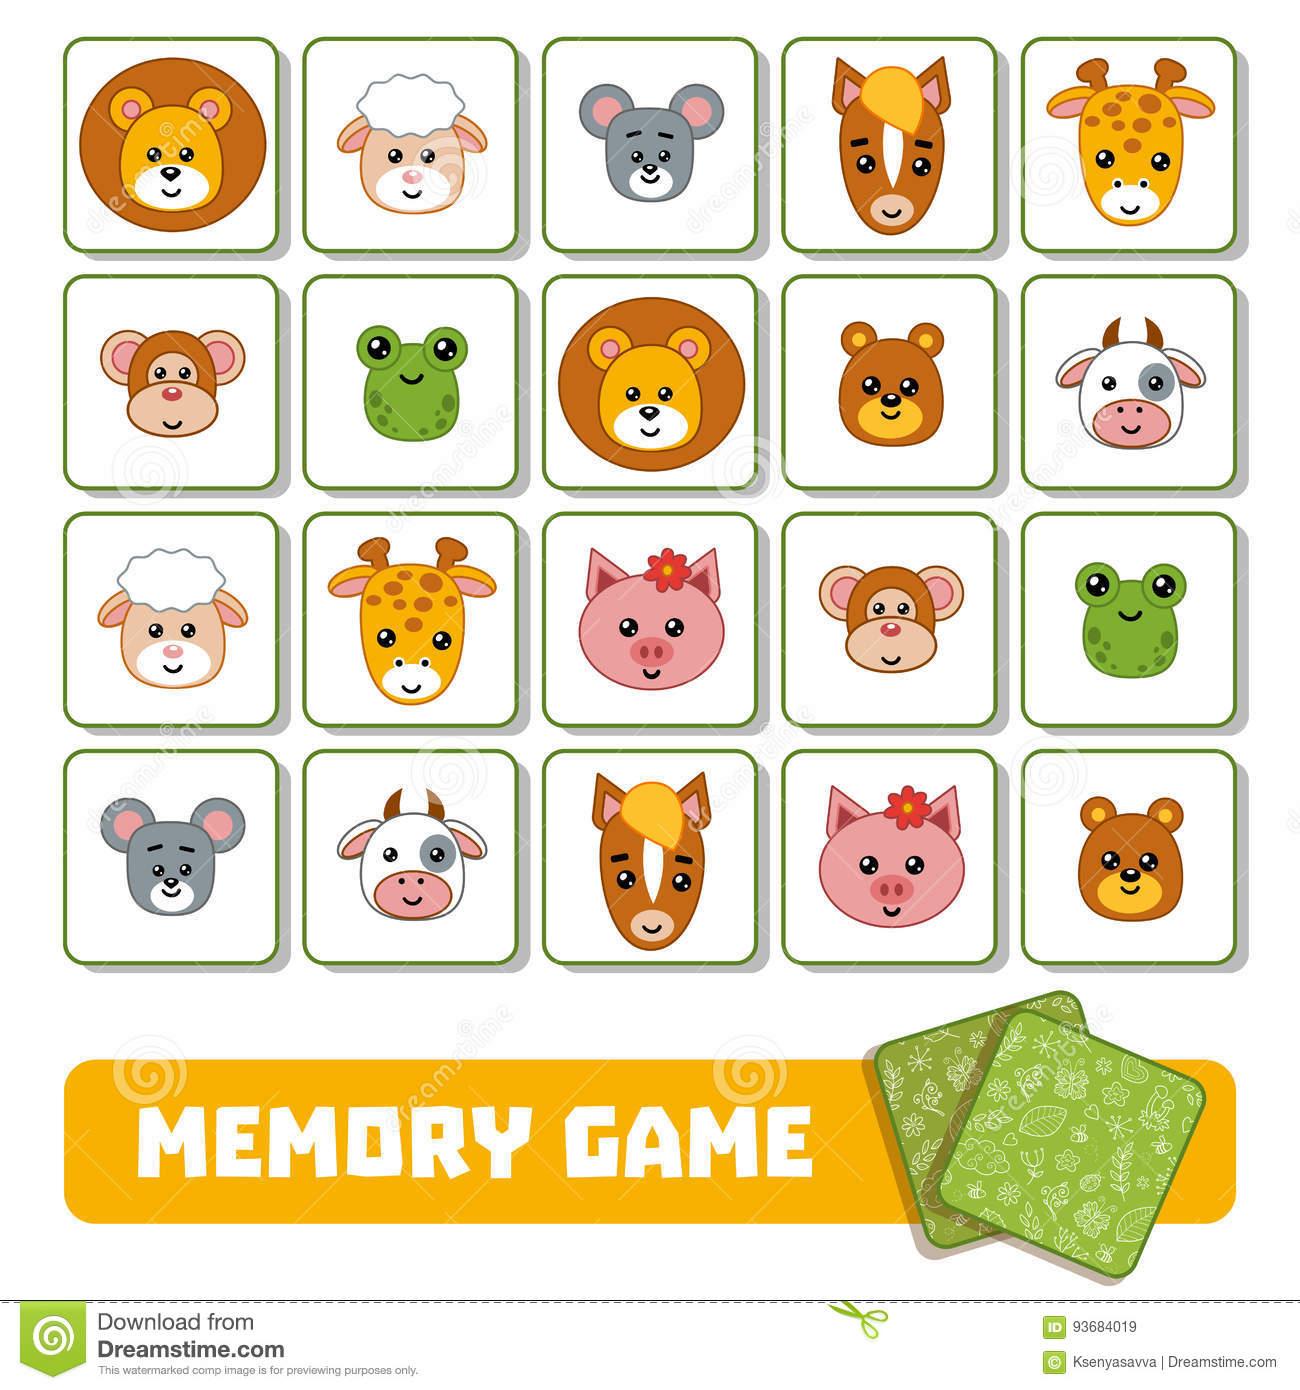 Jeu De Mémoire Pour Les Enfants, Cartes Avec Des Animaux tout Jeux De Memoire Enfant